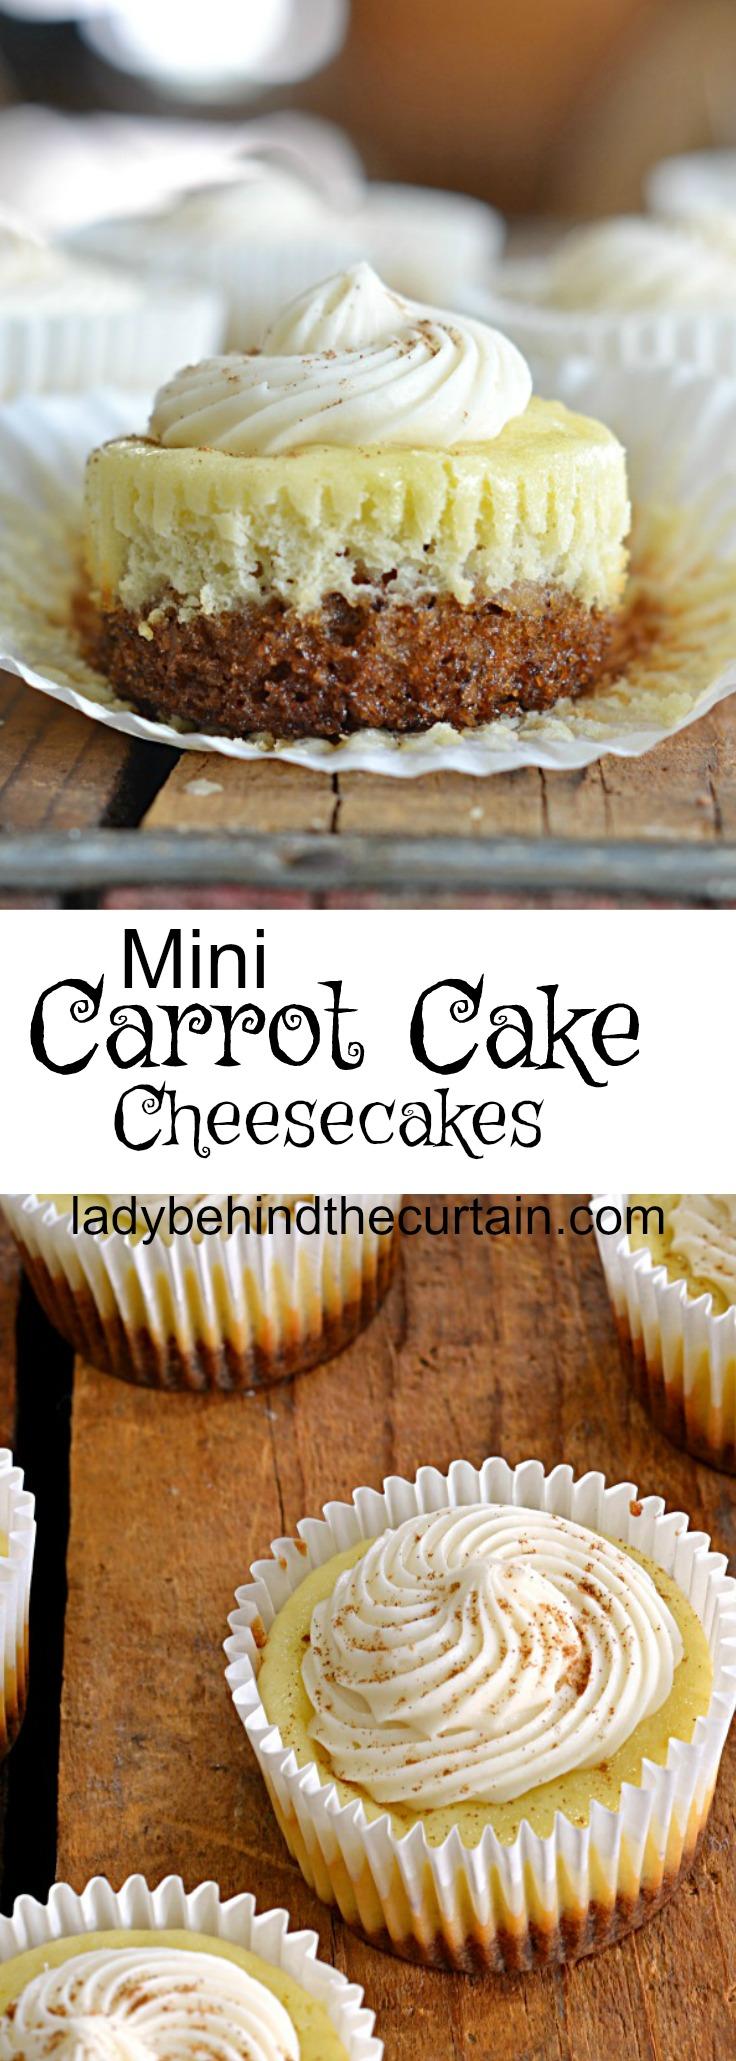 Homemade Carrot Cake For Baby